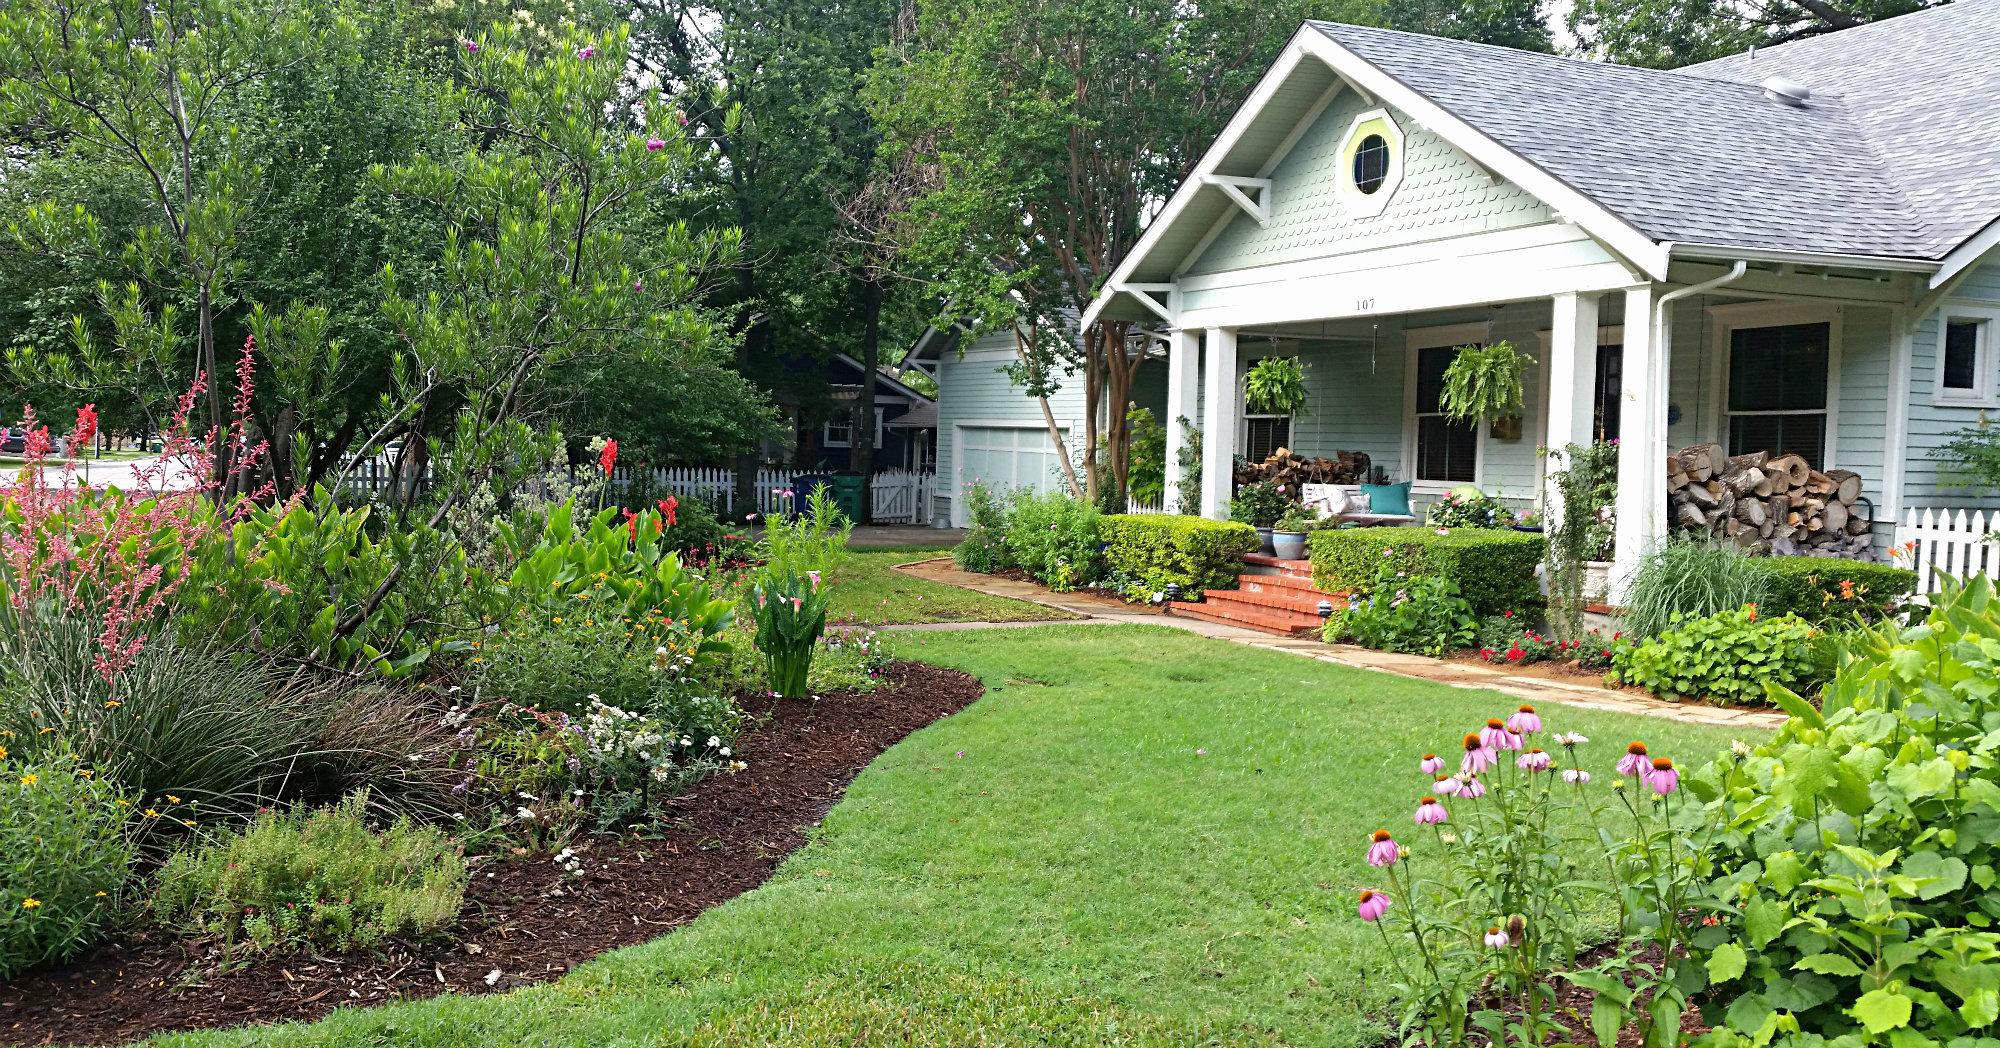 Deborah Crombie's home